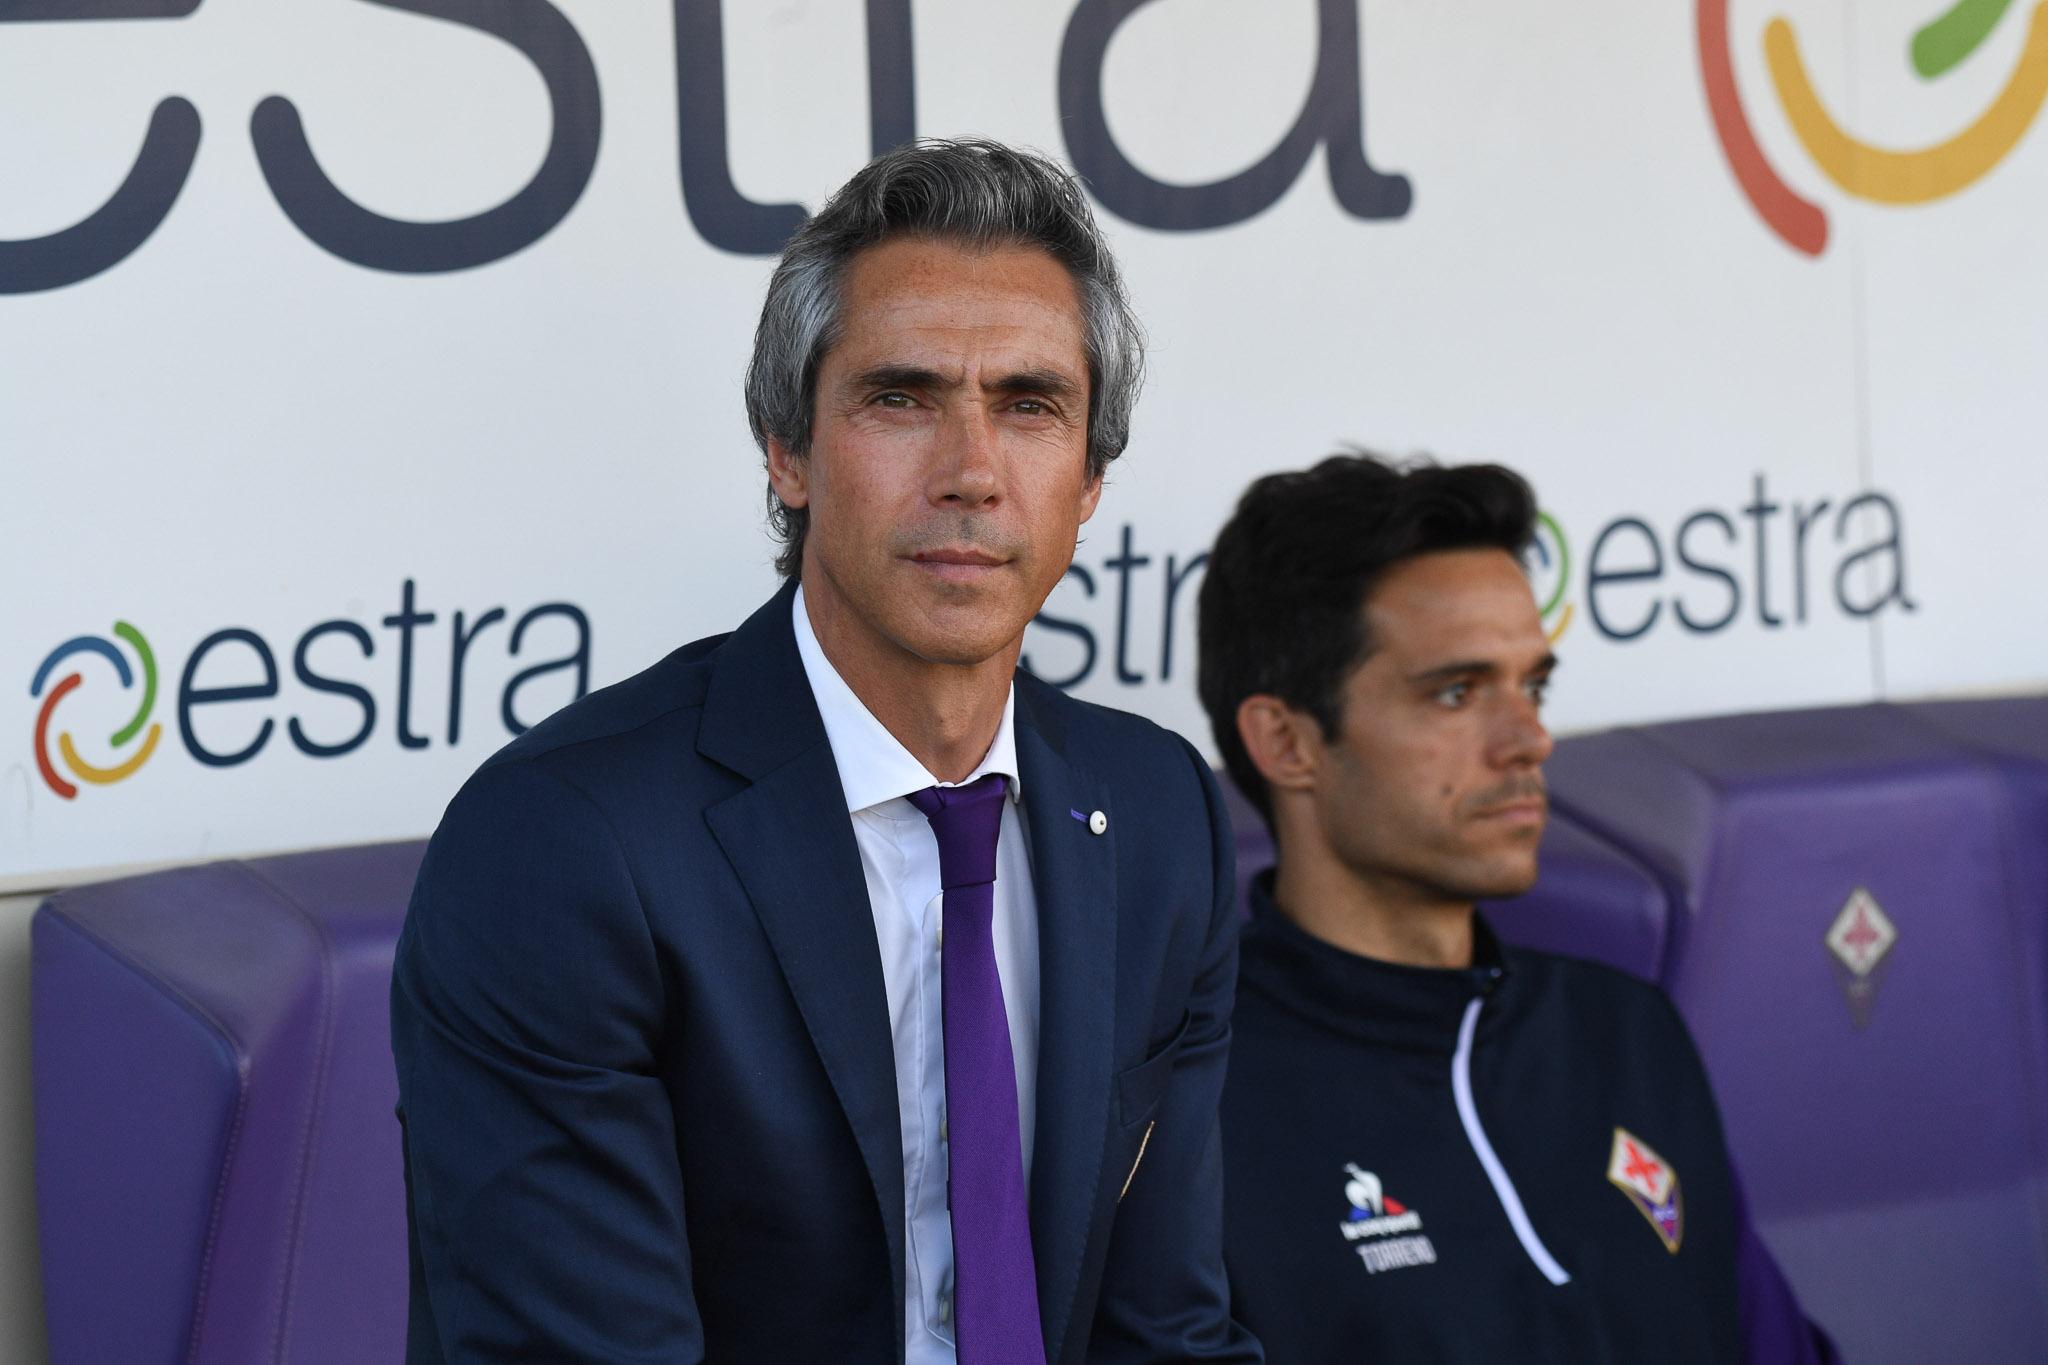 Clamoroso Roma, arrivano conferme: Di Francesco può essere già esonerato, Sousa al suo posto